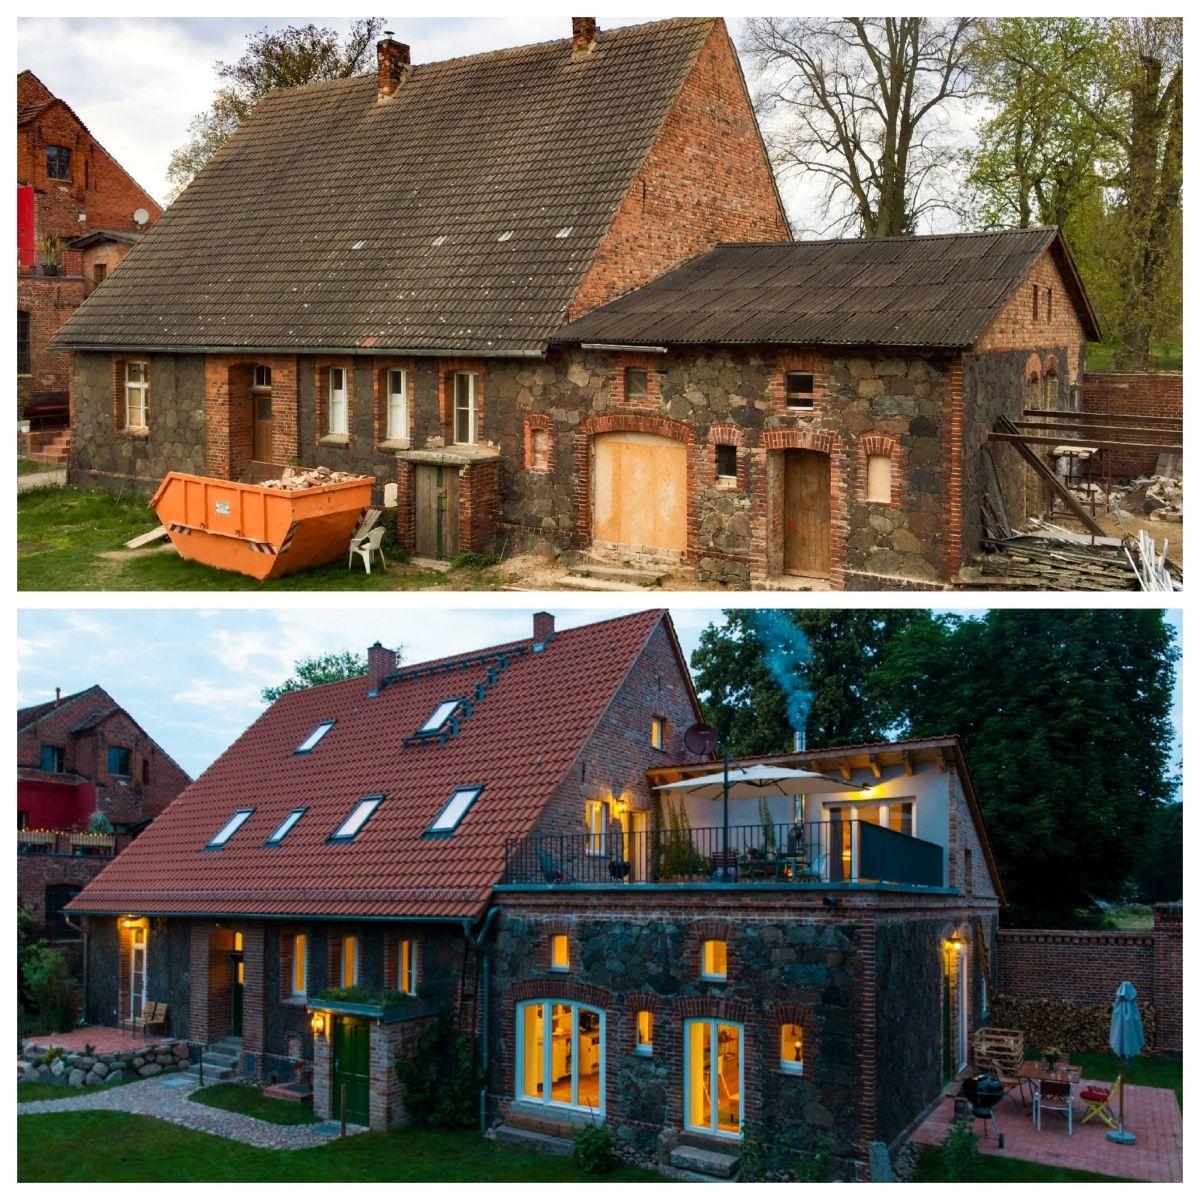 Mein Tipp für Eure Ferien: Das alte Backhaus im Oderbruch (nur 1 Stunde von Berlin!)